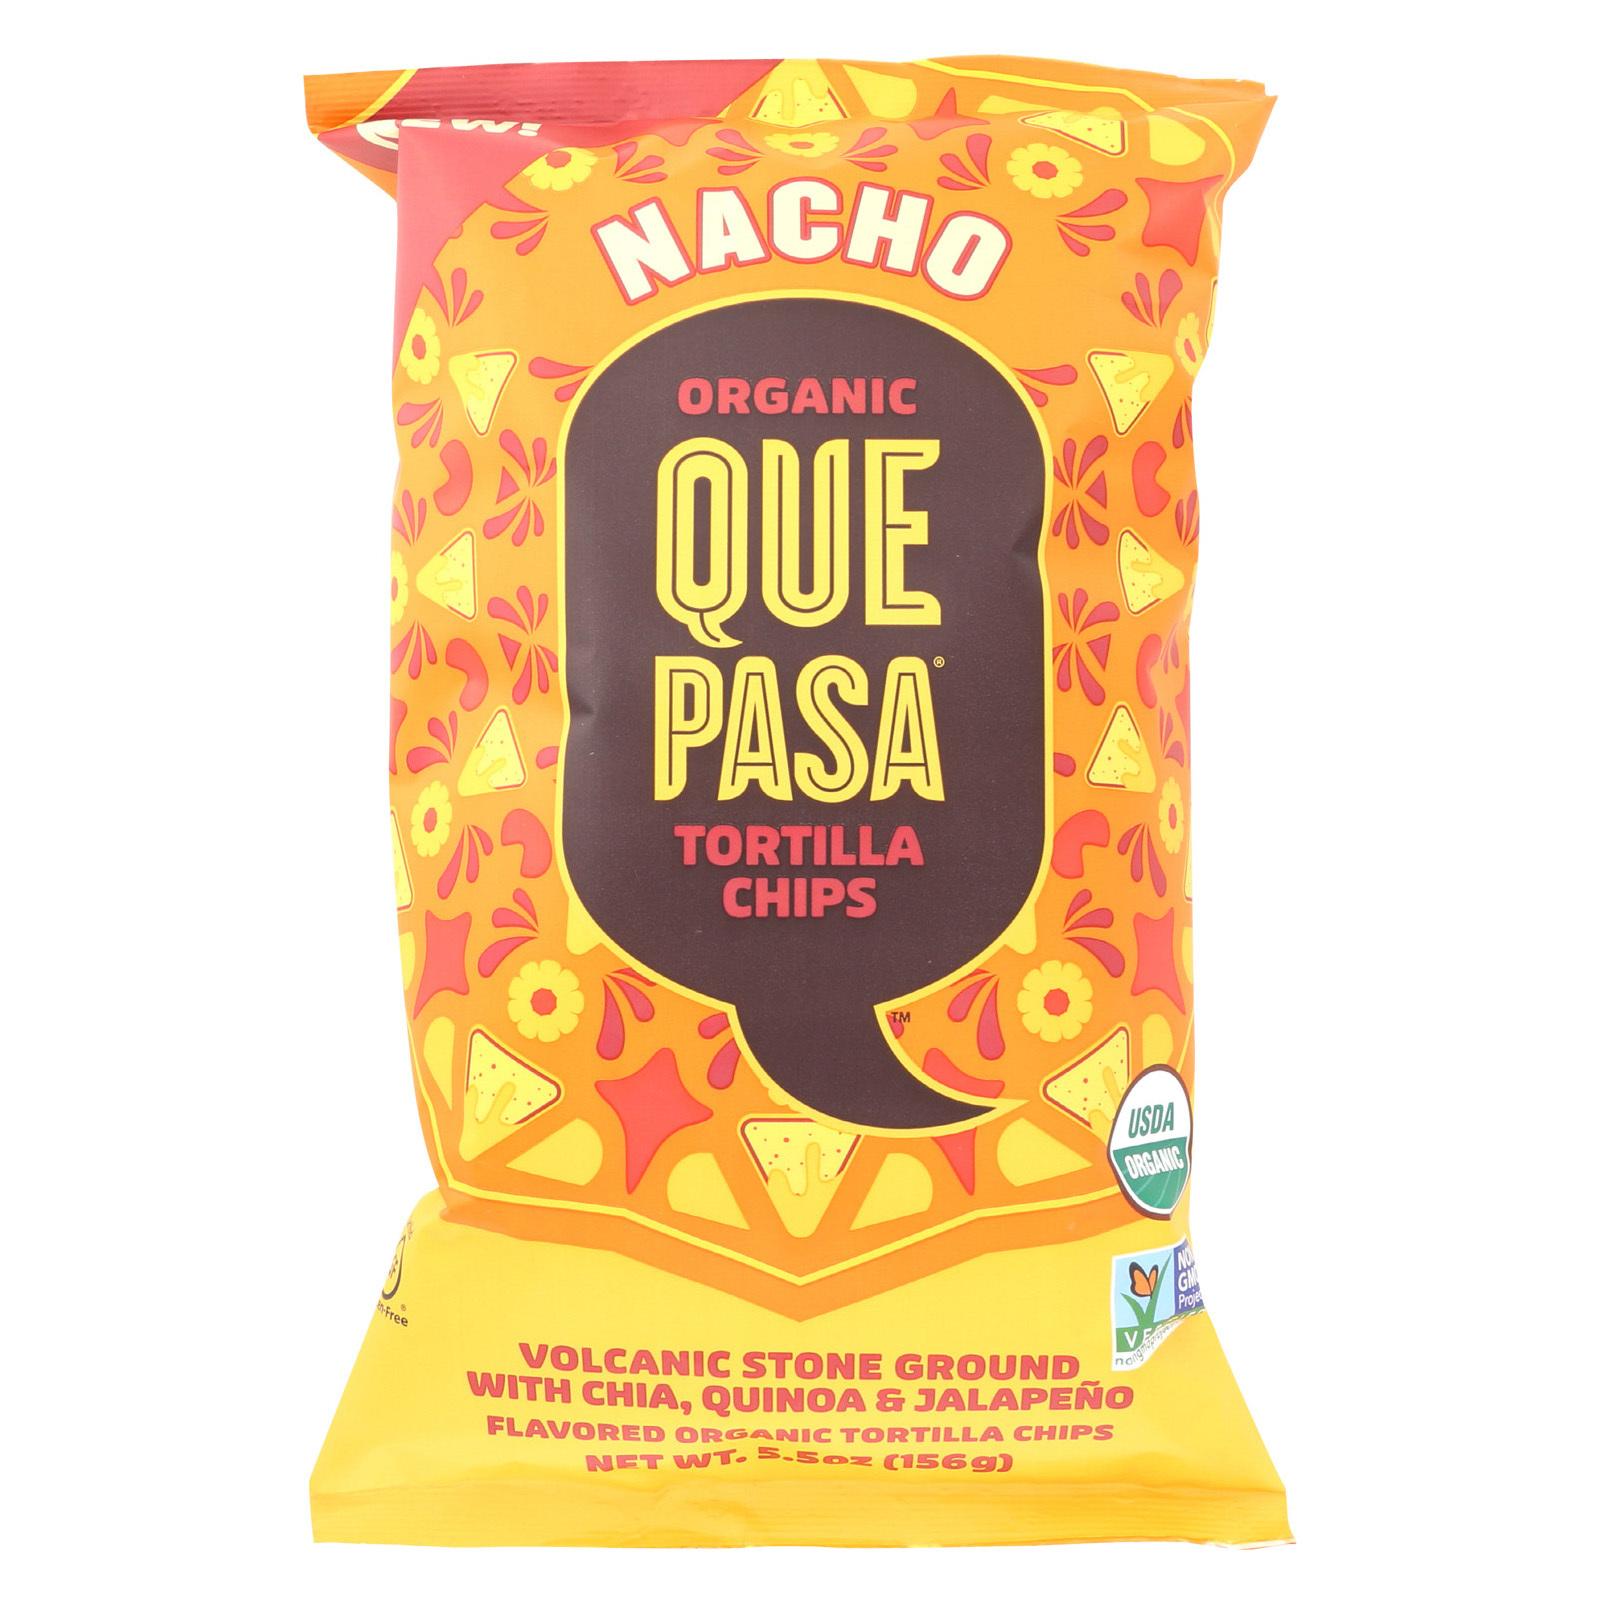 Que Pasa Tortilla Chips - Organic - Nacho - Vegan - Case of 12 - 5.5 oz